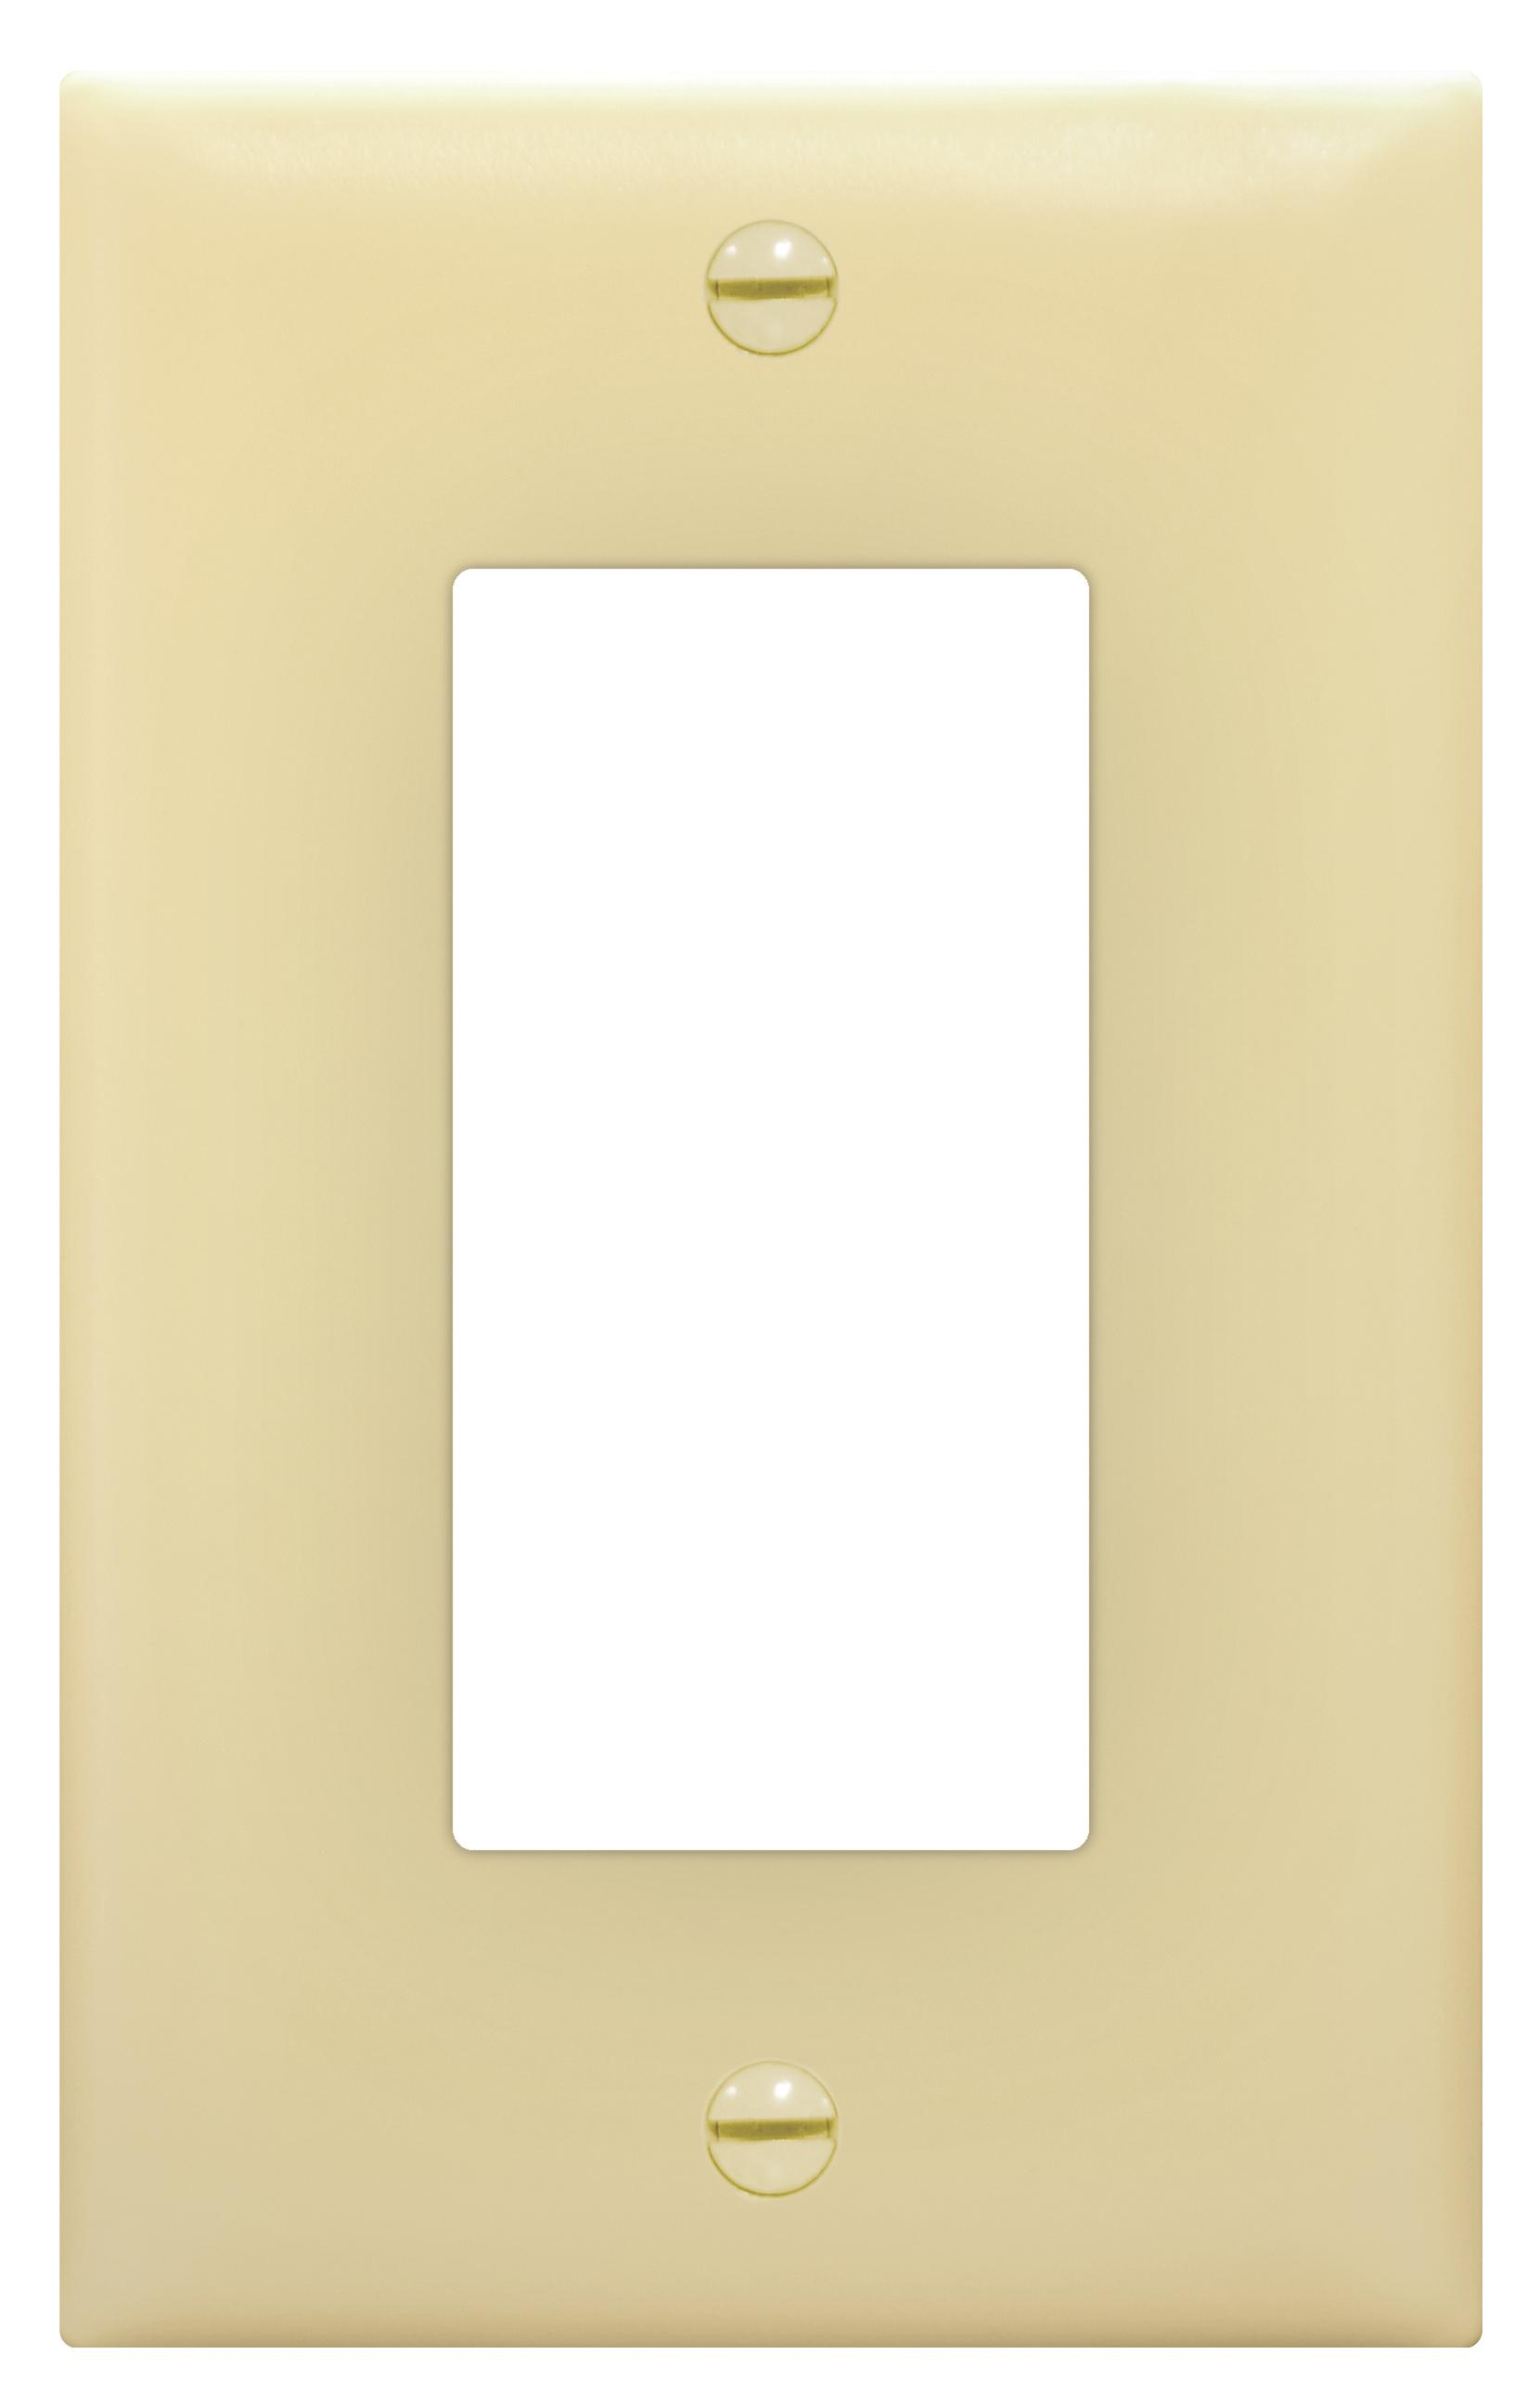 Placa de nylon para apertura 26 color marfil